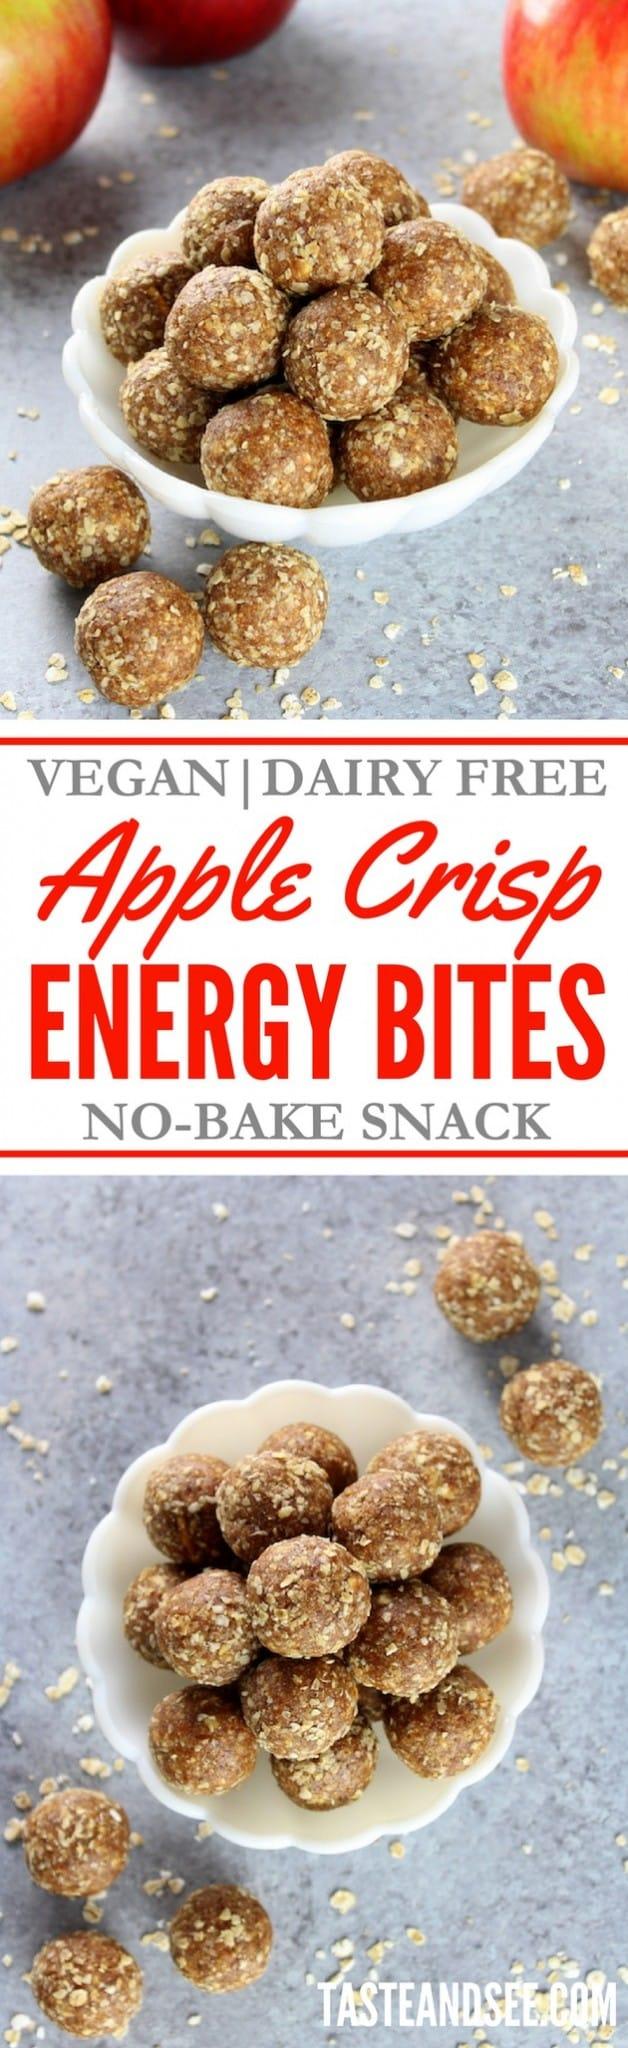 Apple Crisp Energy Bites!  No Bake | 5-Minute|  https://tasteandsee.com